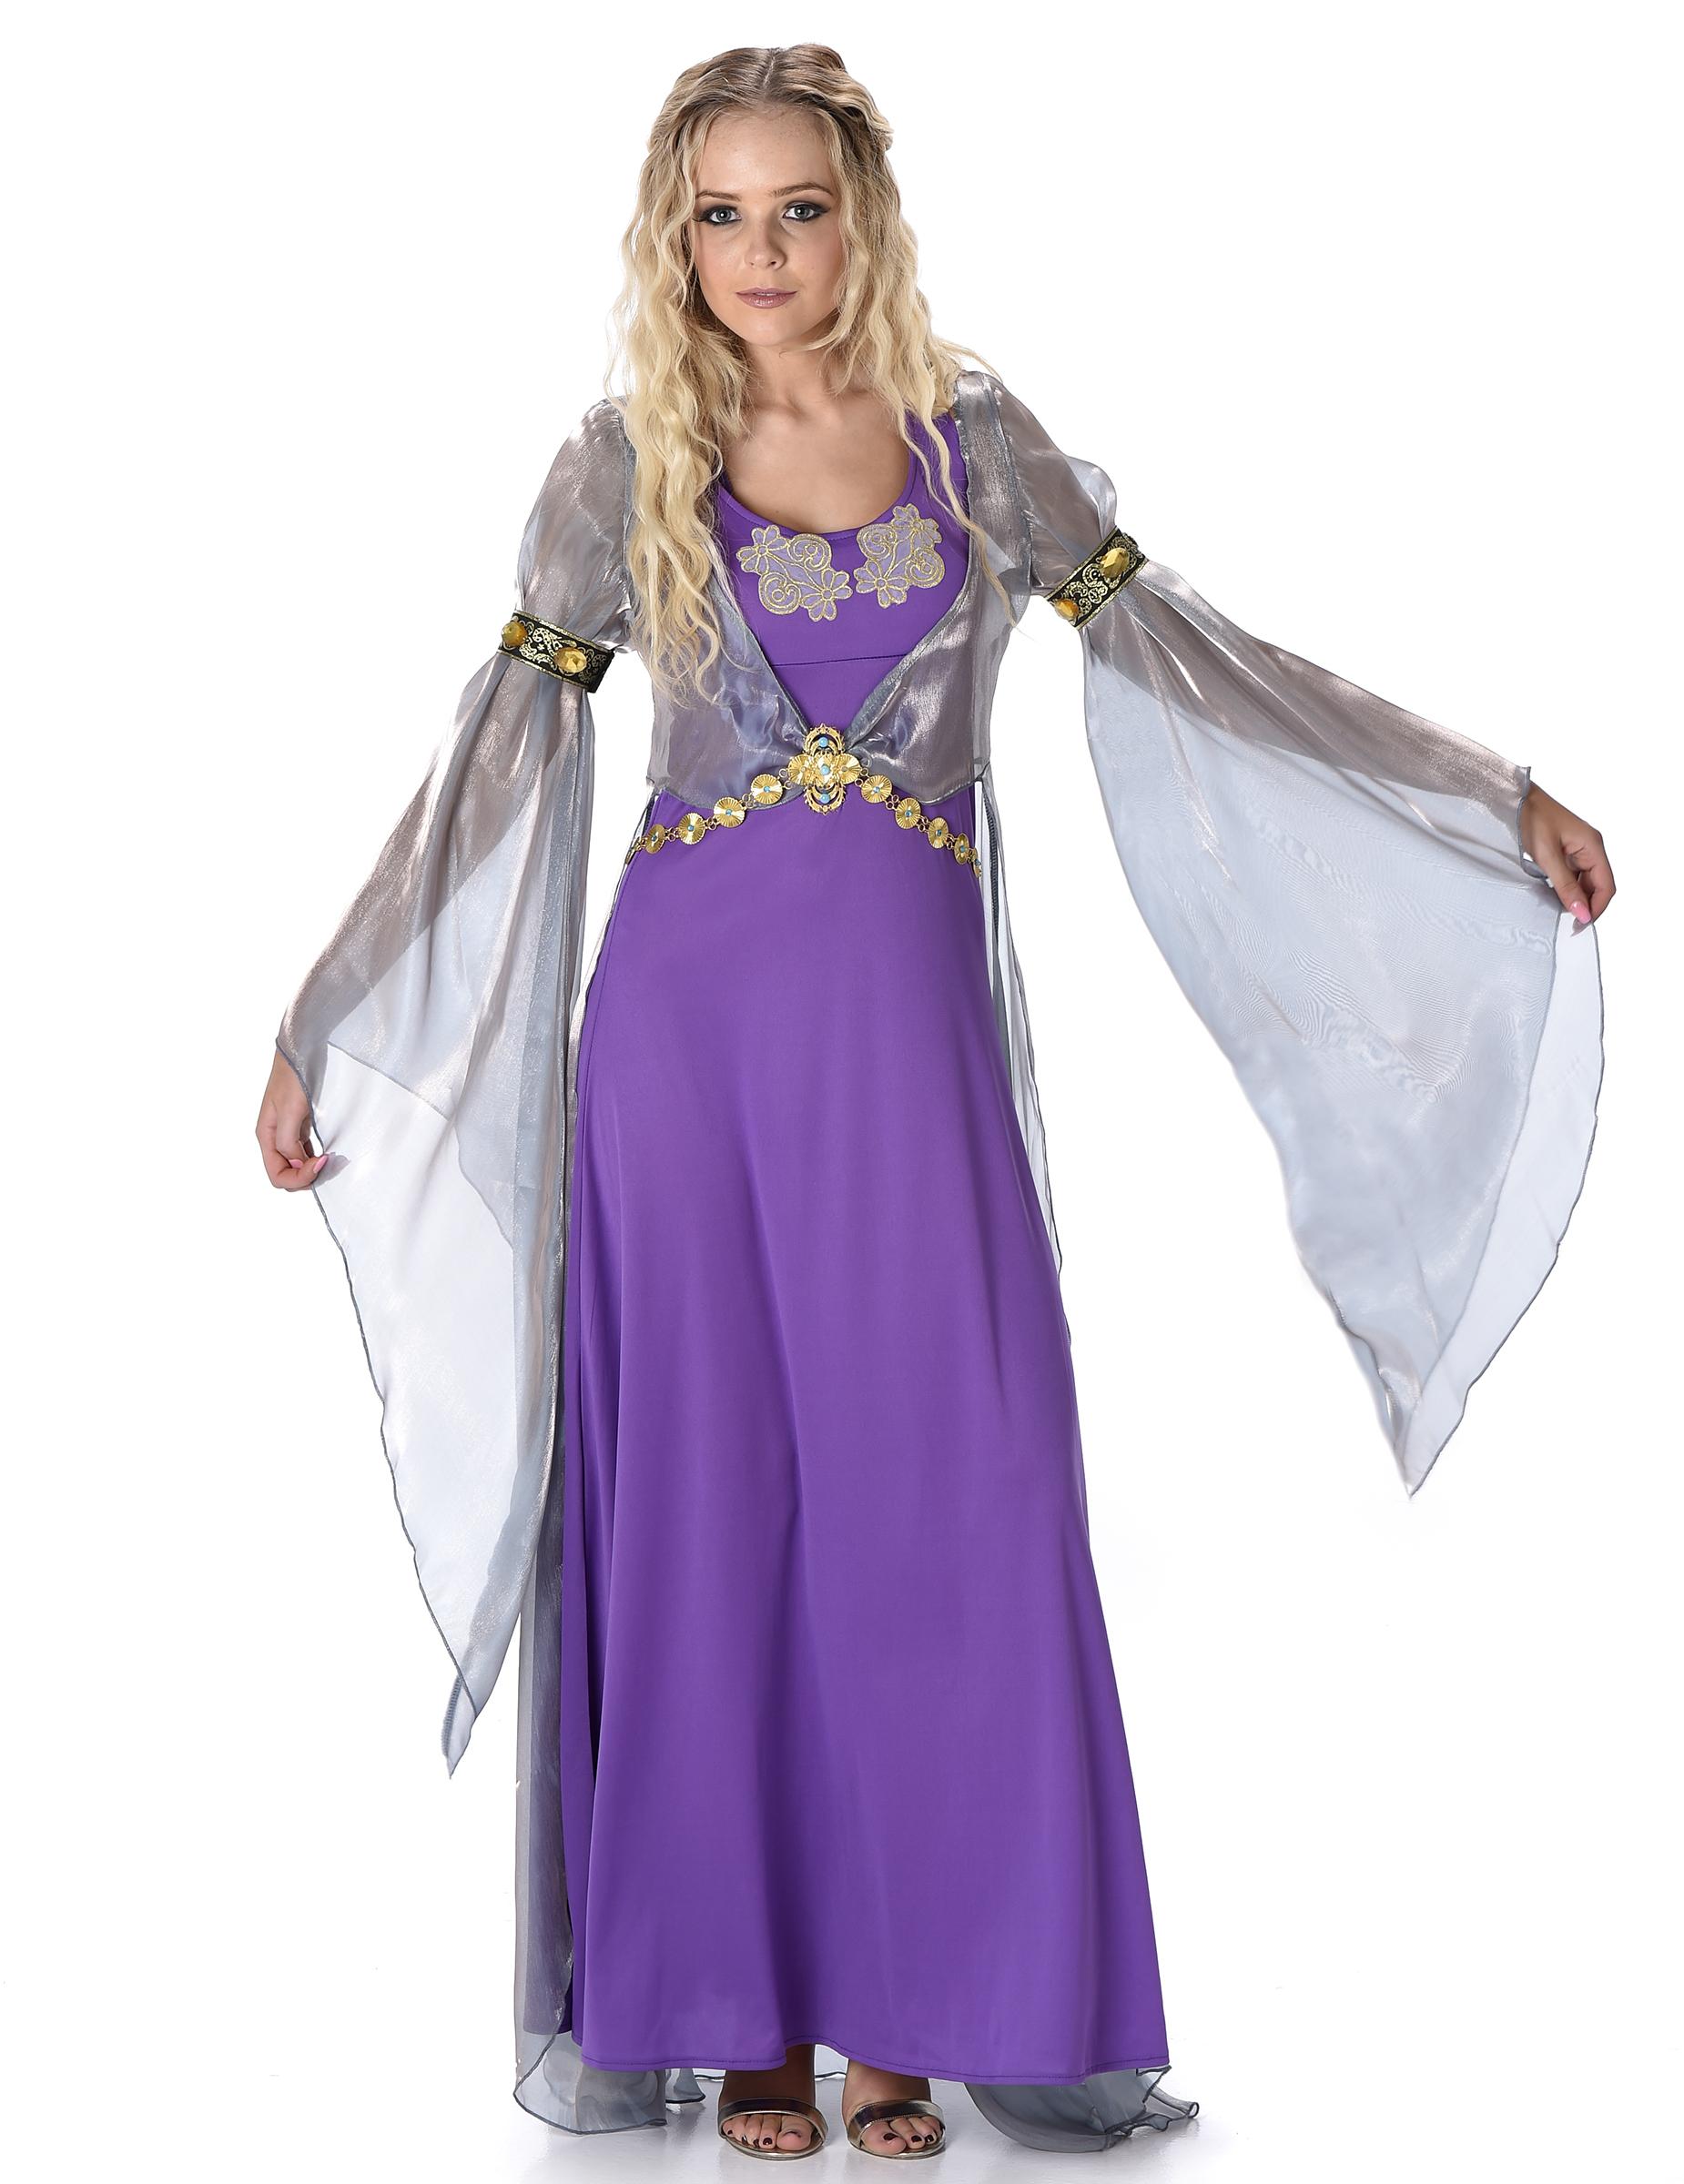 Mittelalterliche Prinzessin  Kostm fr Damen Kostme fr Erwachseneund gnstige